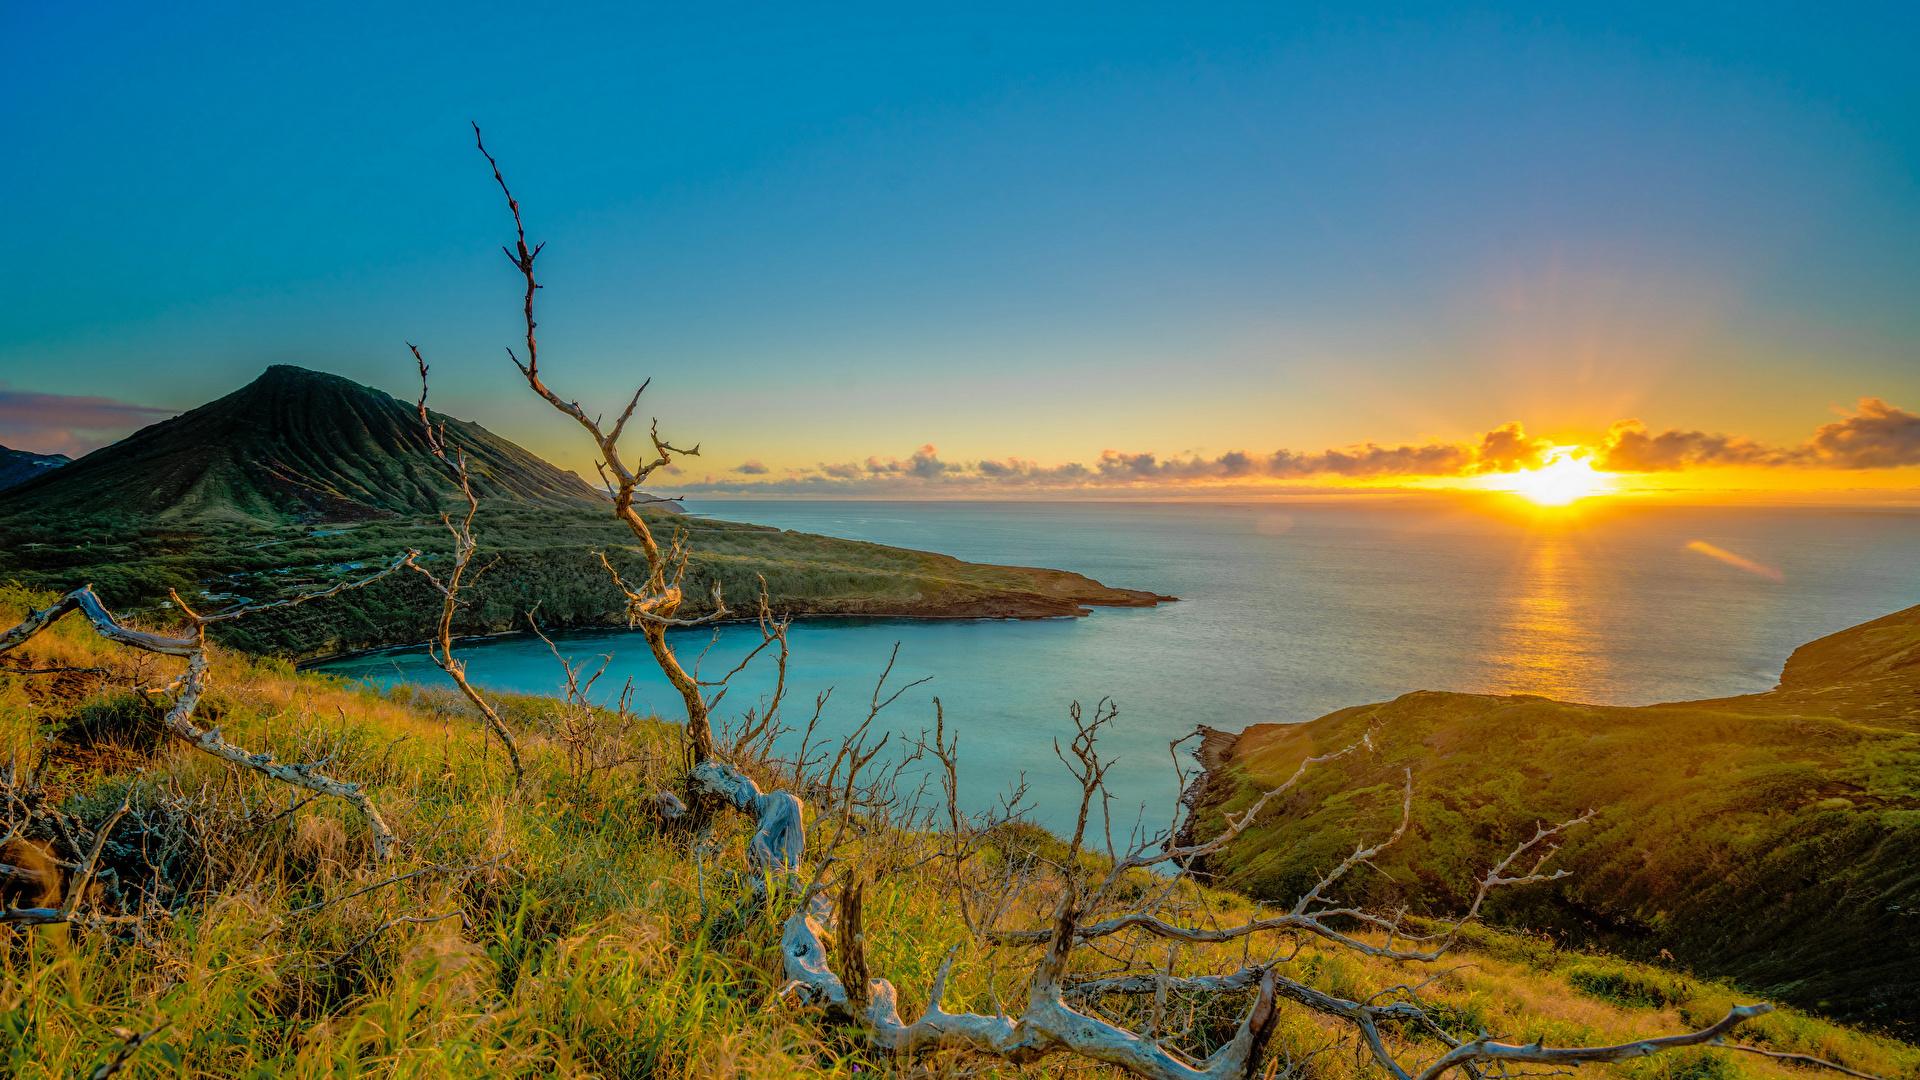 壁紙 1920x1080 朝焼けと日没 海岸 風景写真 ハワイ州 太陽 丘